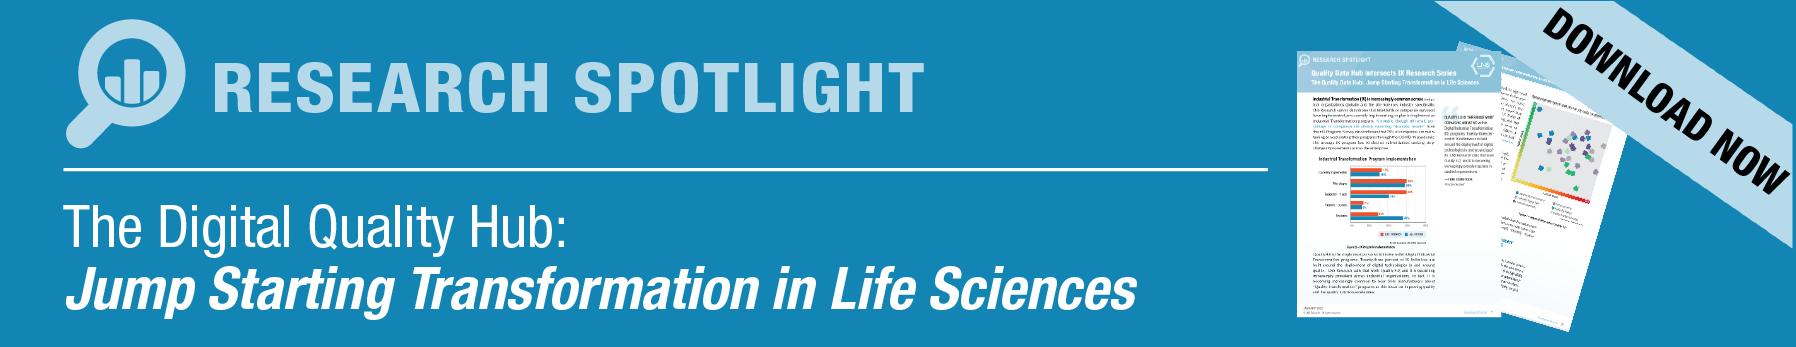 Quality Data Hub Spotlight Header SP1